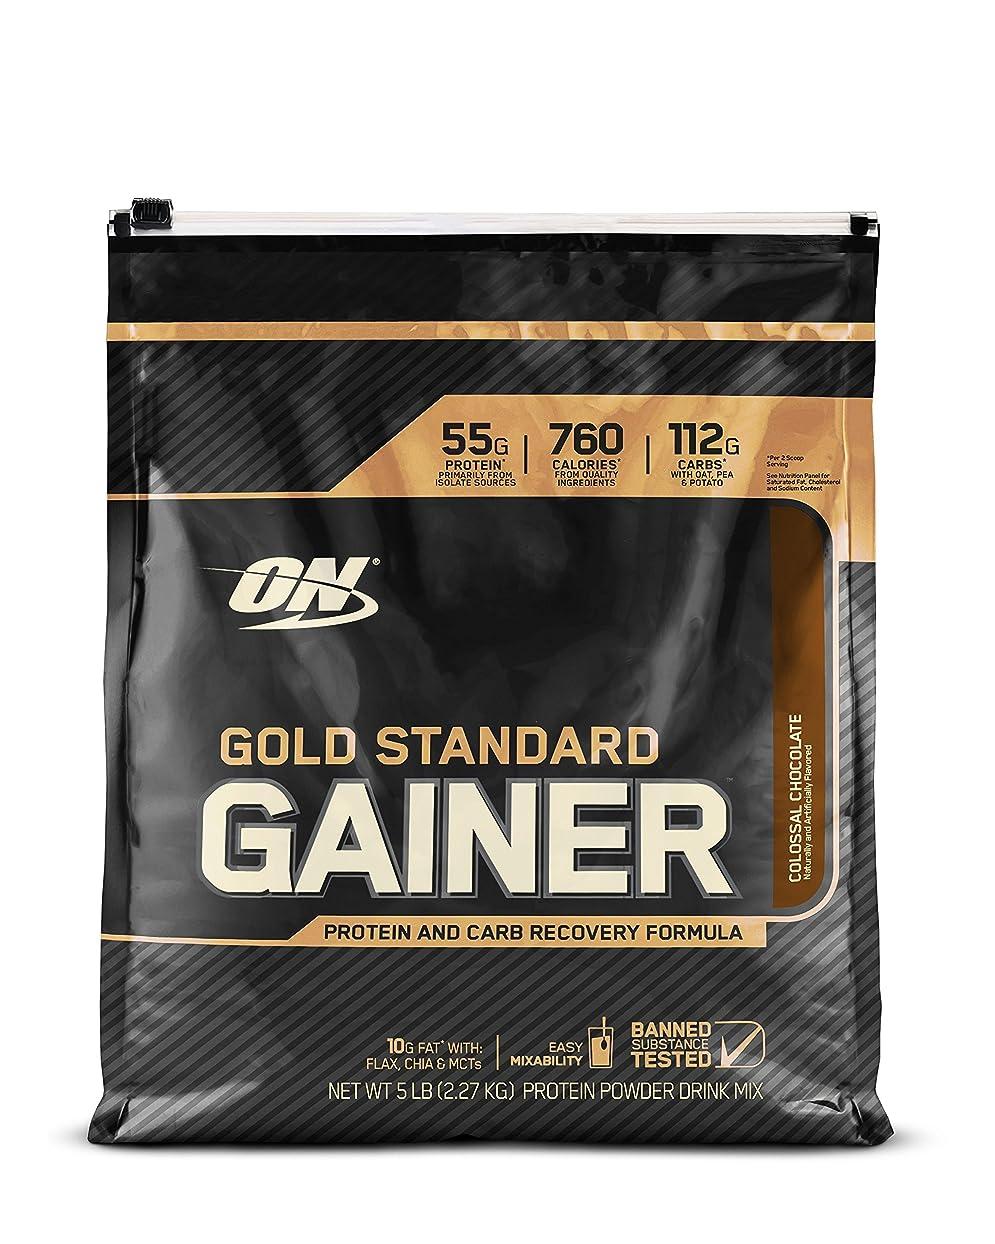 滞在かろうじてノベルティゴールドスタンダード ゲイナー 2.27kg チョコレート (Gold Standard Gainer 5LB Colossal Chocolate) [海外直送品] [並行輸入品]